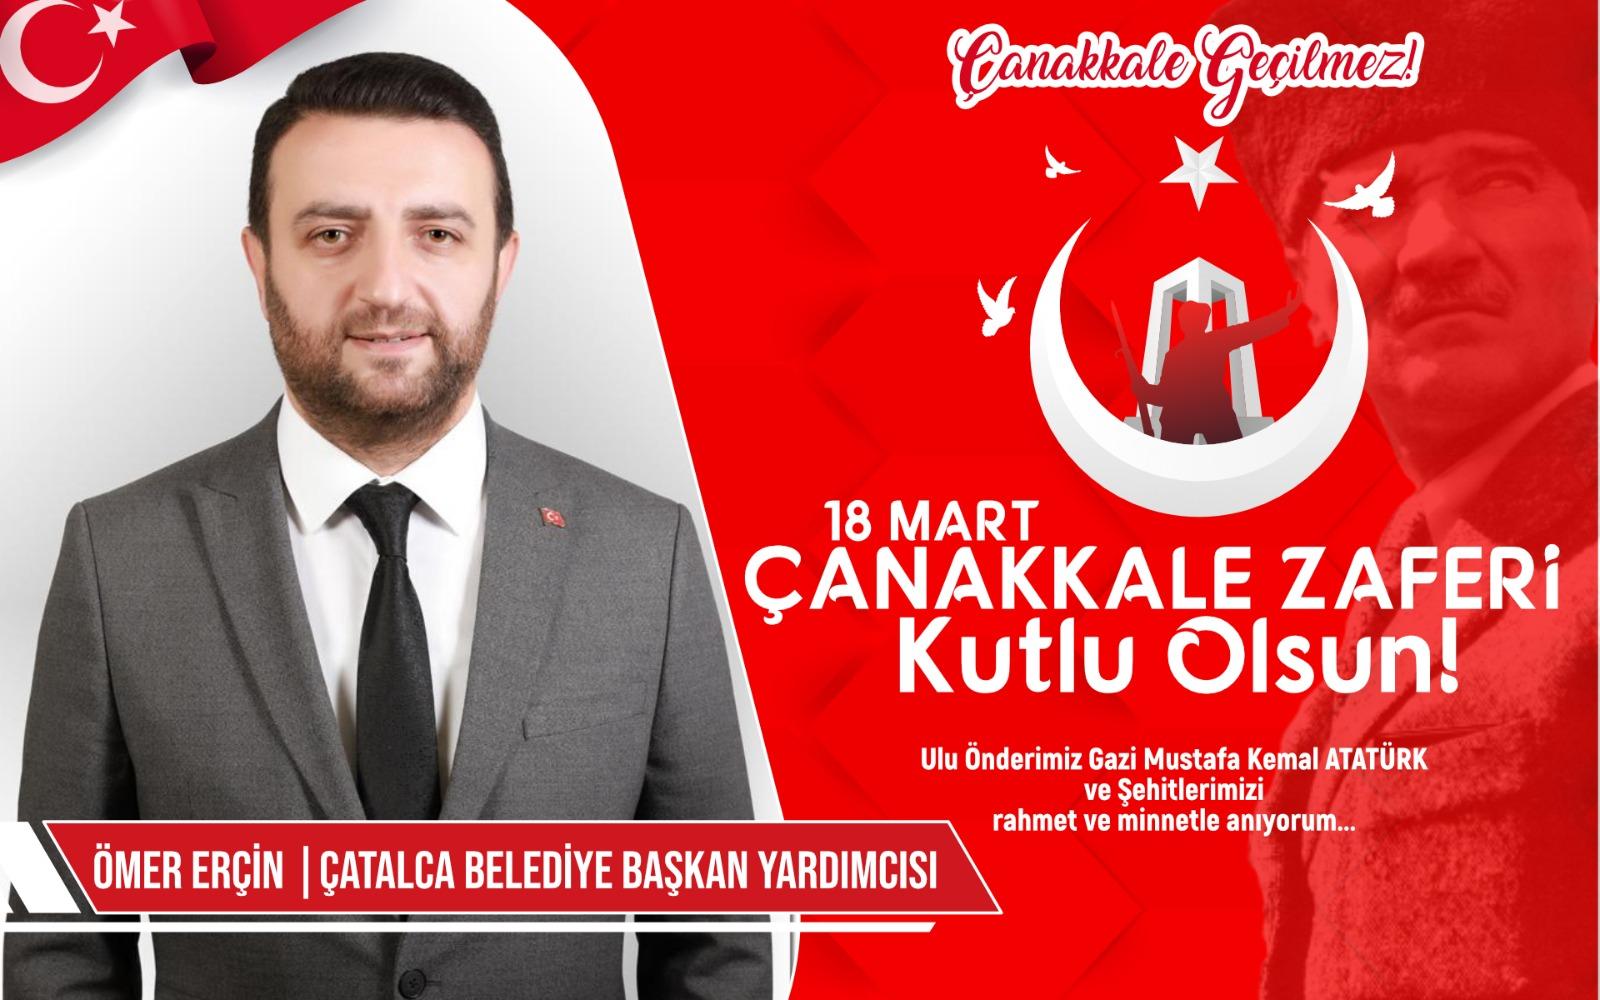 Çatalca Belediye Başkan Yardımcısı Ömer Erçin'den Kutlama ve Anma Mesajı